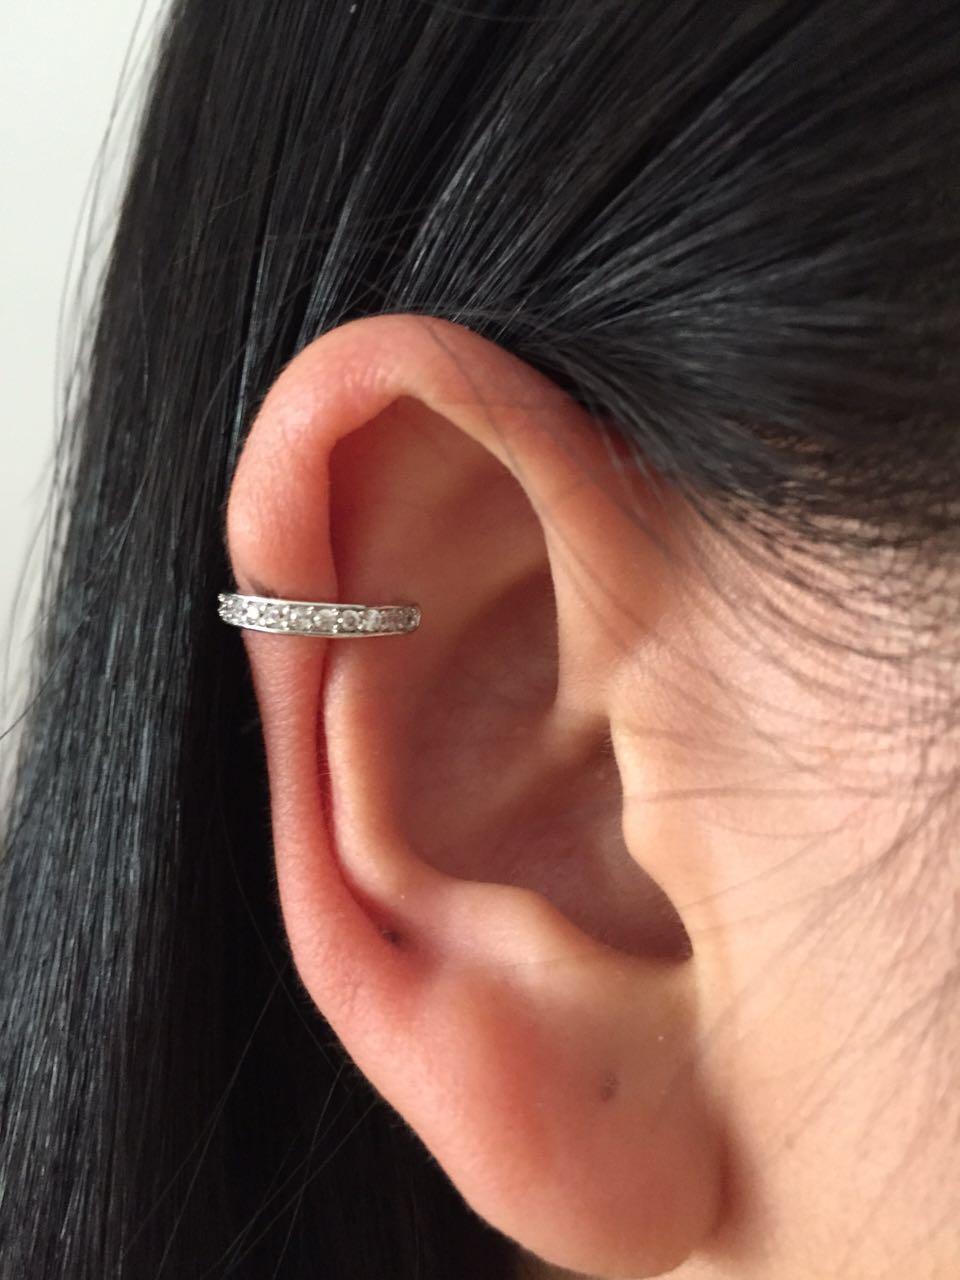 Brinco fülbevaló fülcsipesz cirkónium fülbevaló ékszerek egy fülön a női divat fülbevaló ékszerek jobb fül csak hölgy kiegészítők